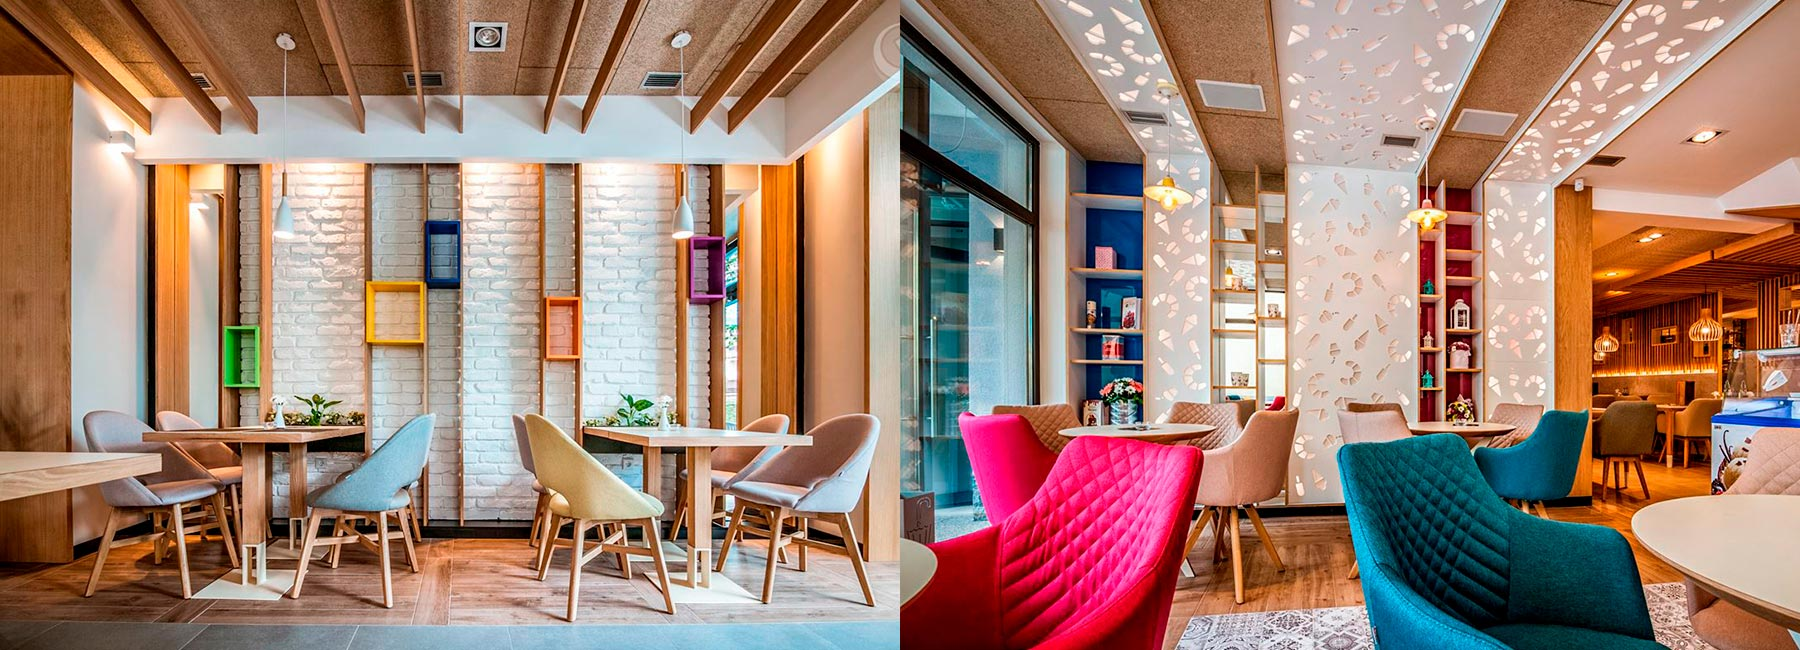 Ресторан KORZO по проекту Gepek Studio, Босния и Герцеговина